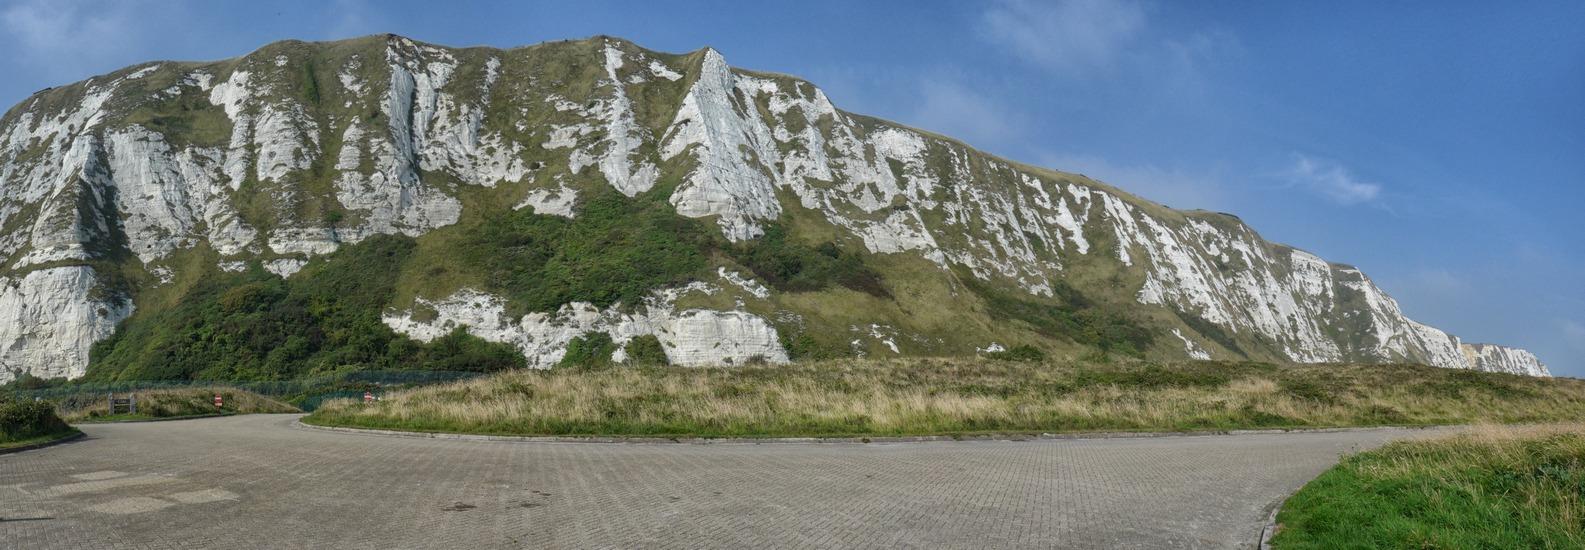 SH cliffs-r